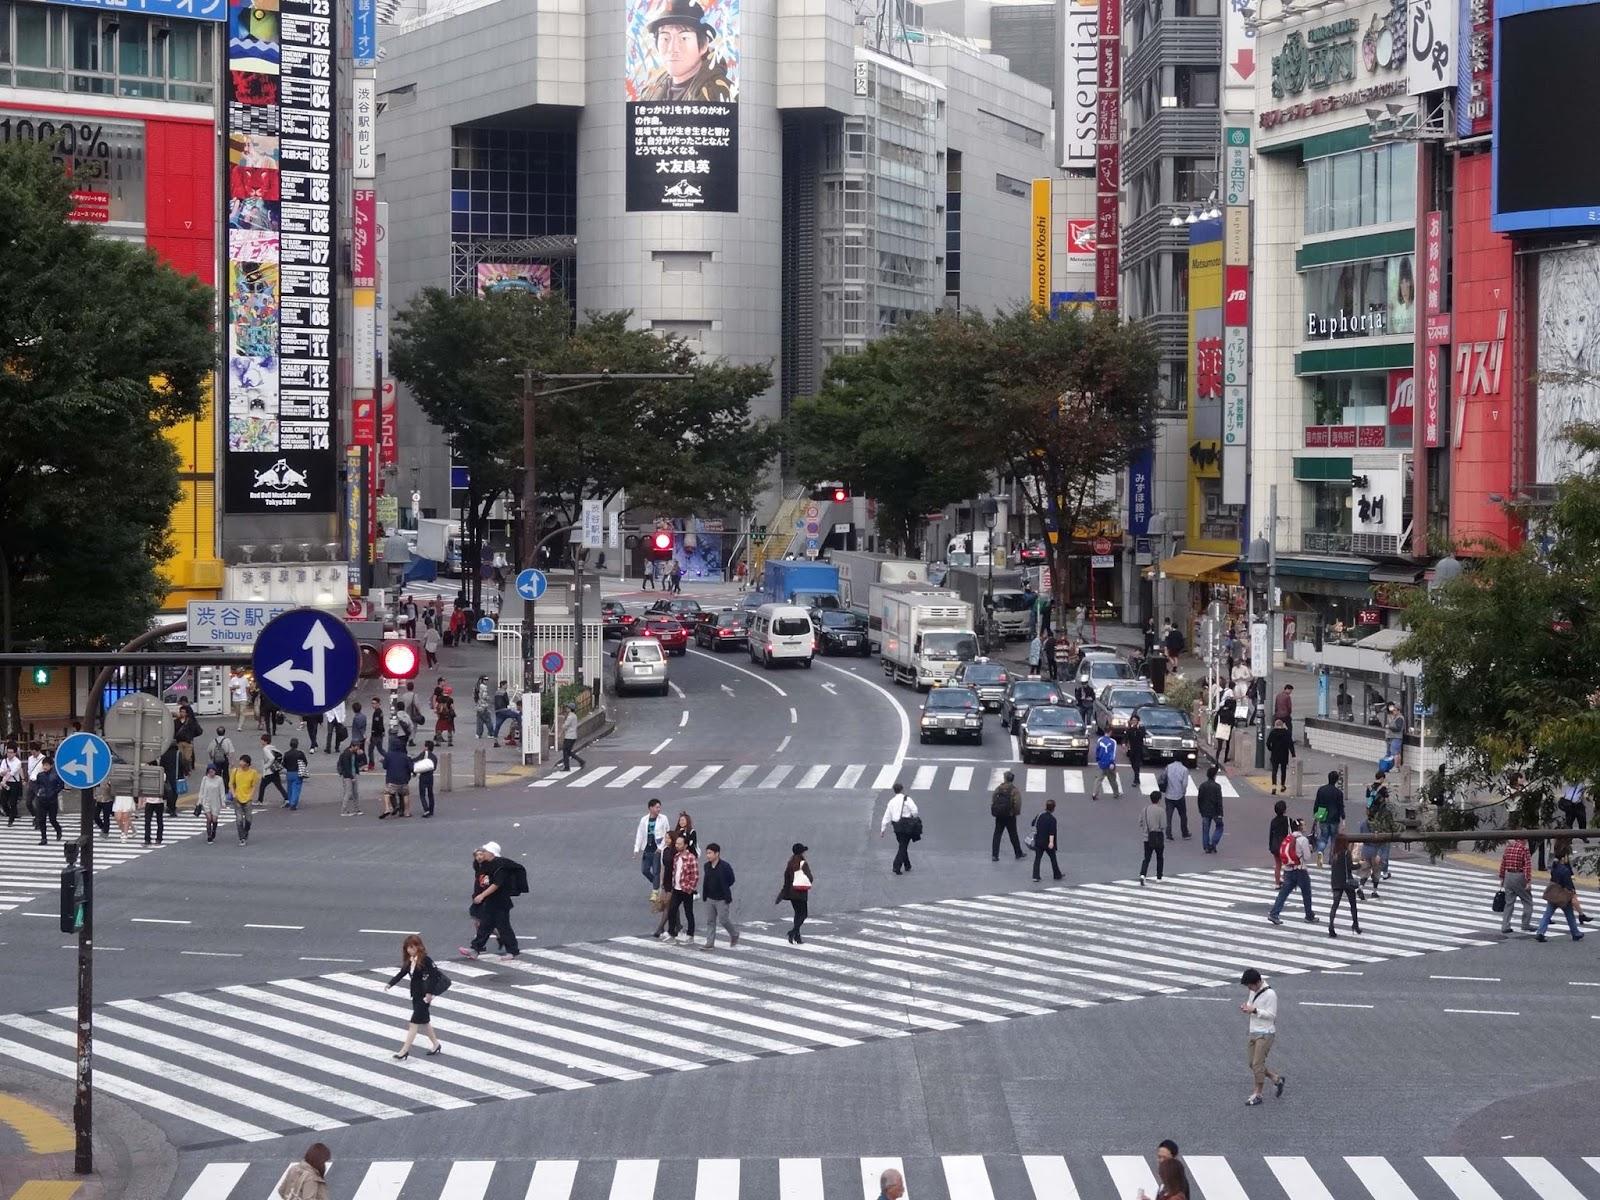 渋谷駅前スクランブル交差点,渋谷109,渋谷ハチ公前〈著作権フリー画像〉Free Stock Photos